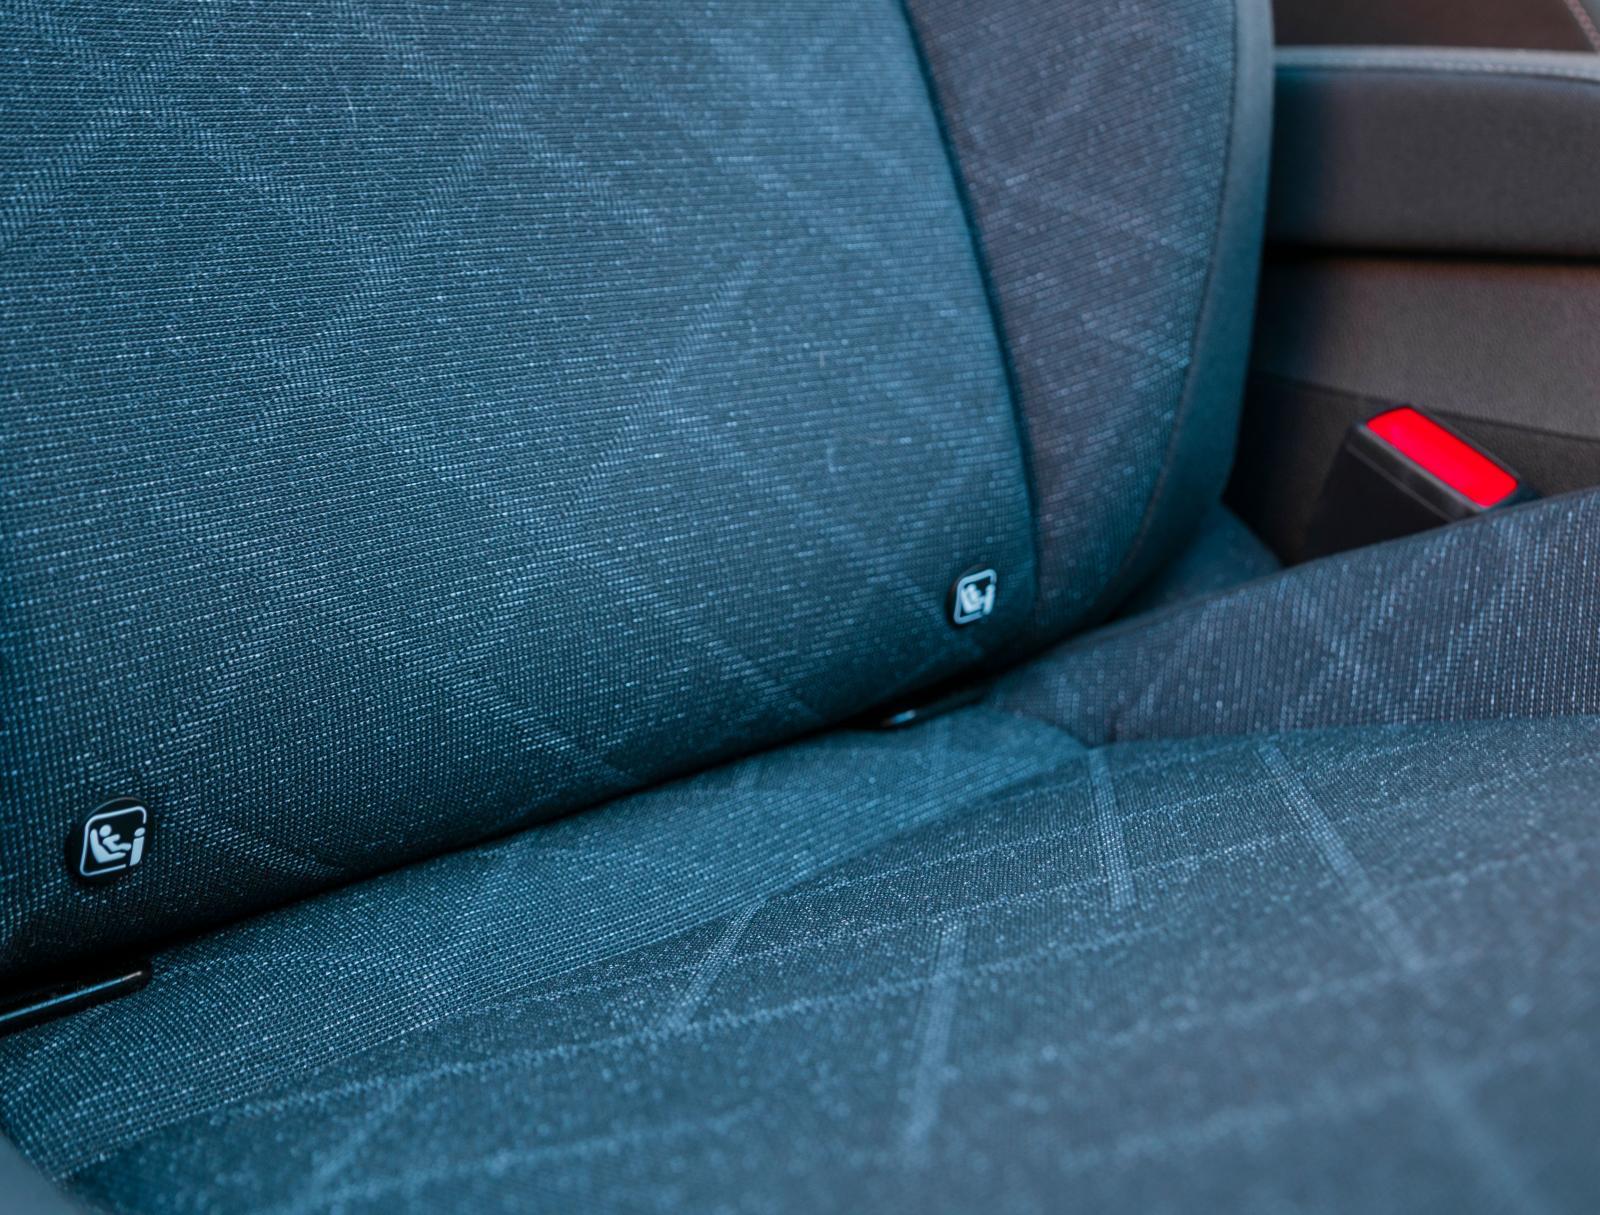 VW har isofixfästen i passagerarstolen. Tillval till Audi och BMW.